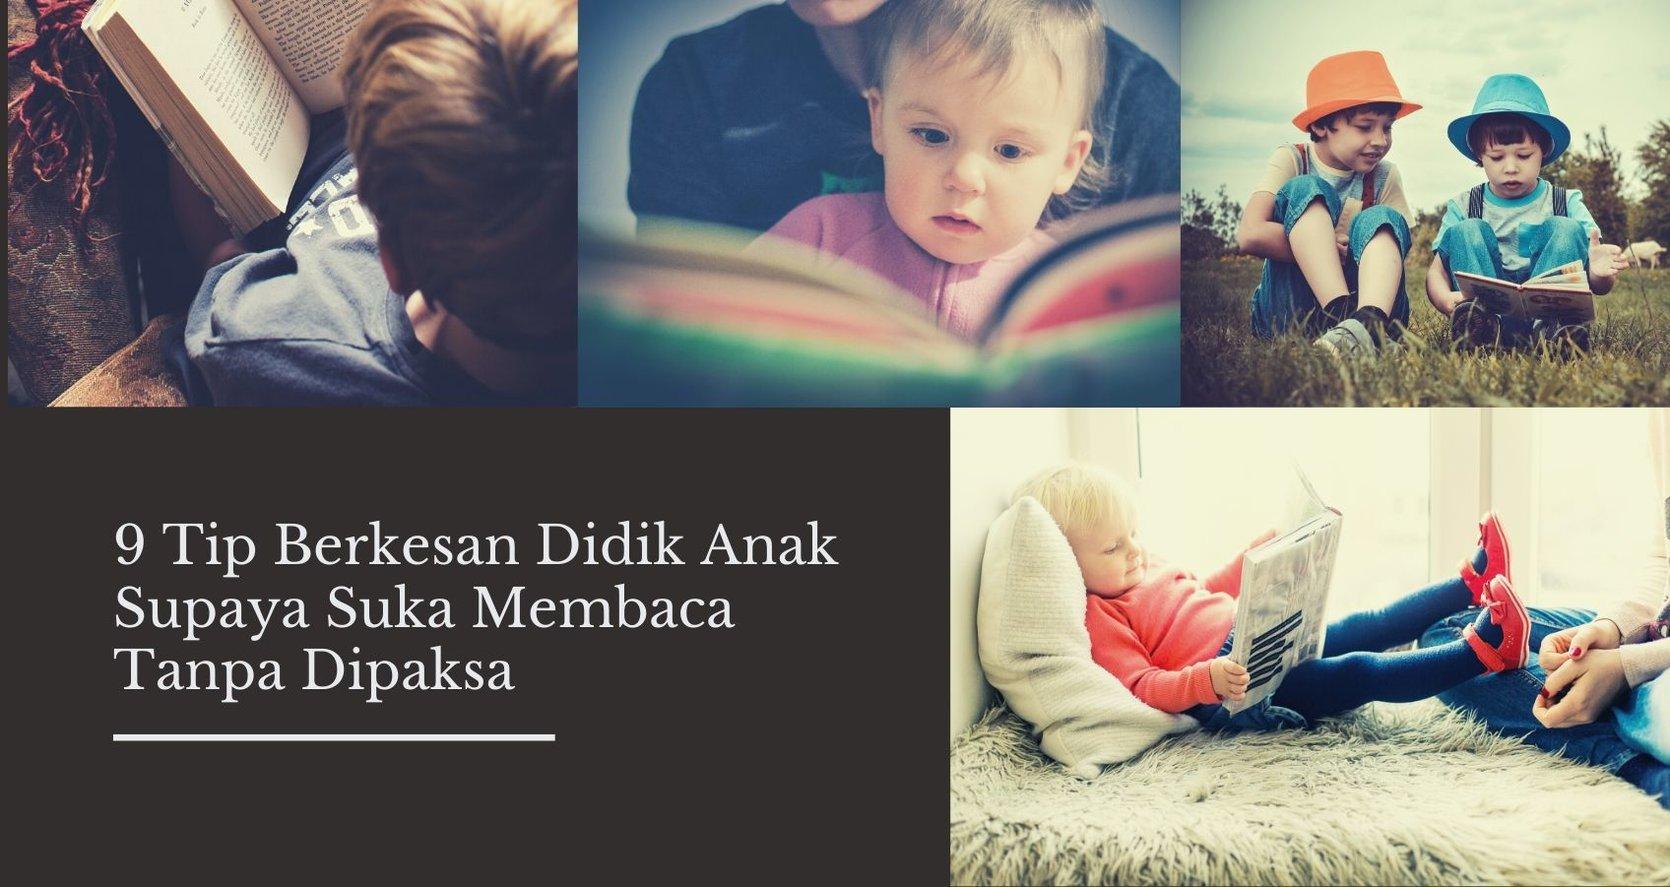 9 Tip Berkesan Didik Anak Suka Membaca Tanpa Dipaksa